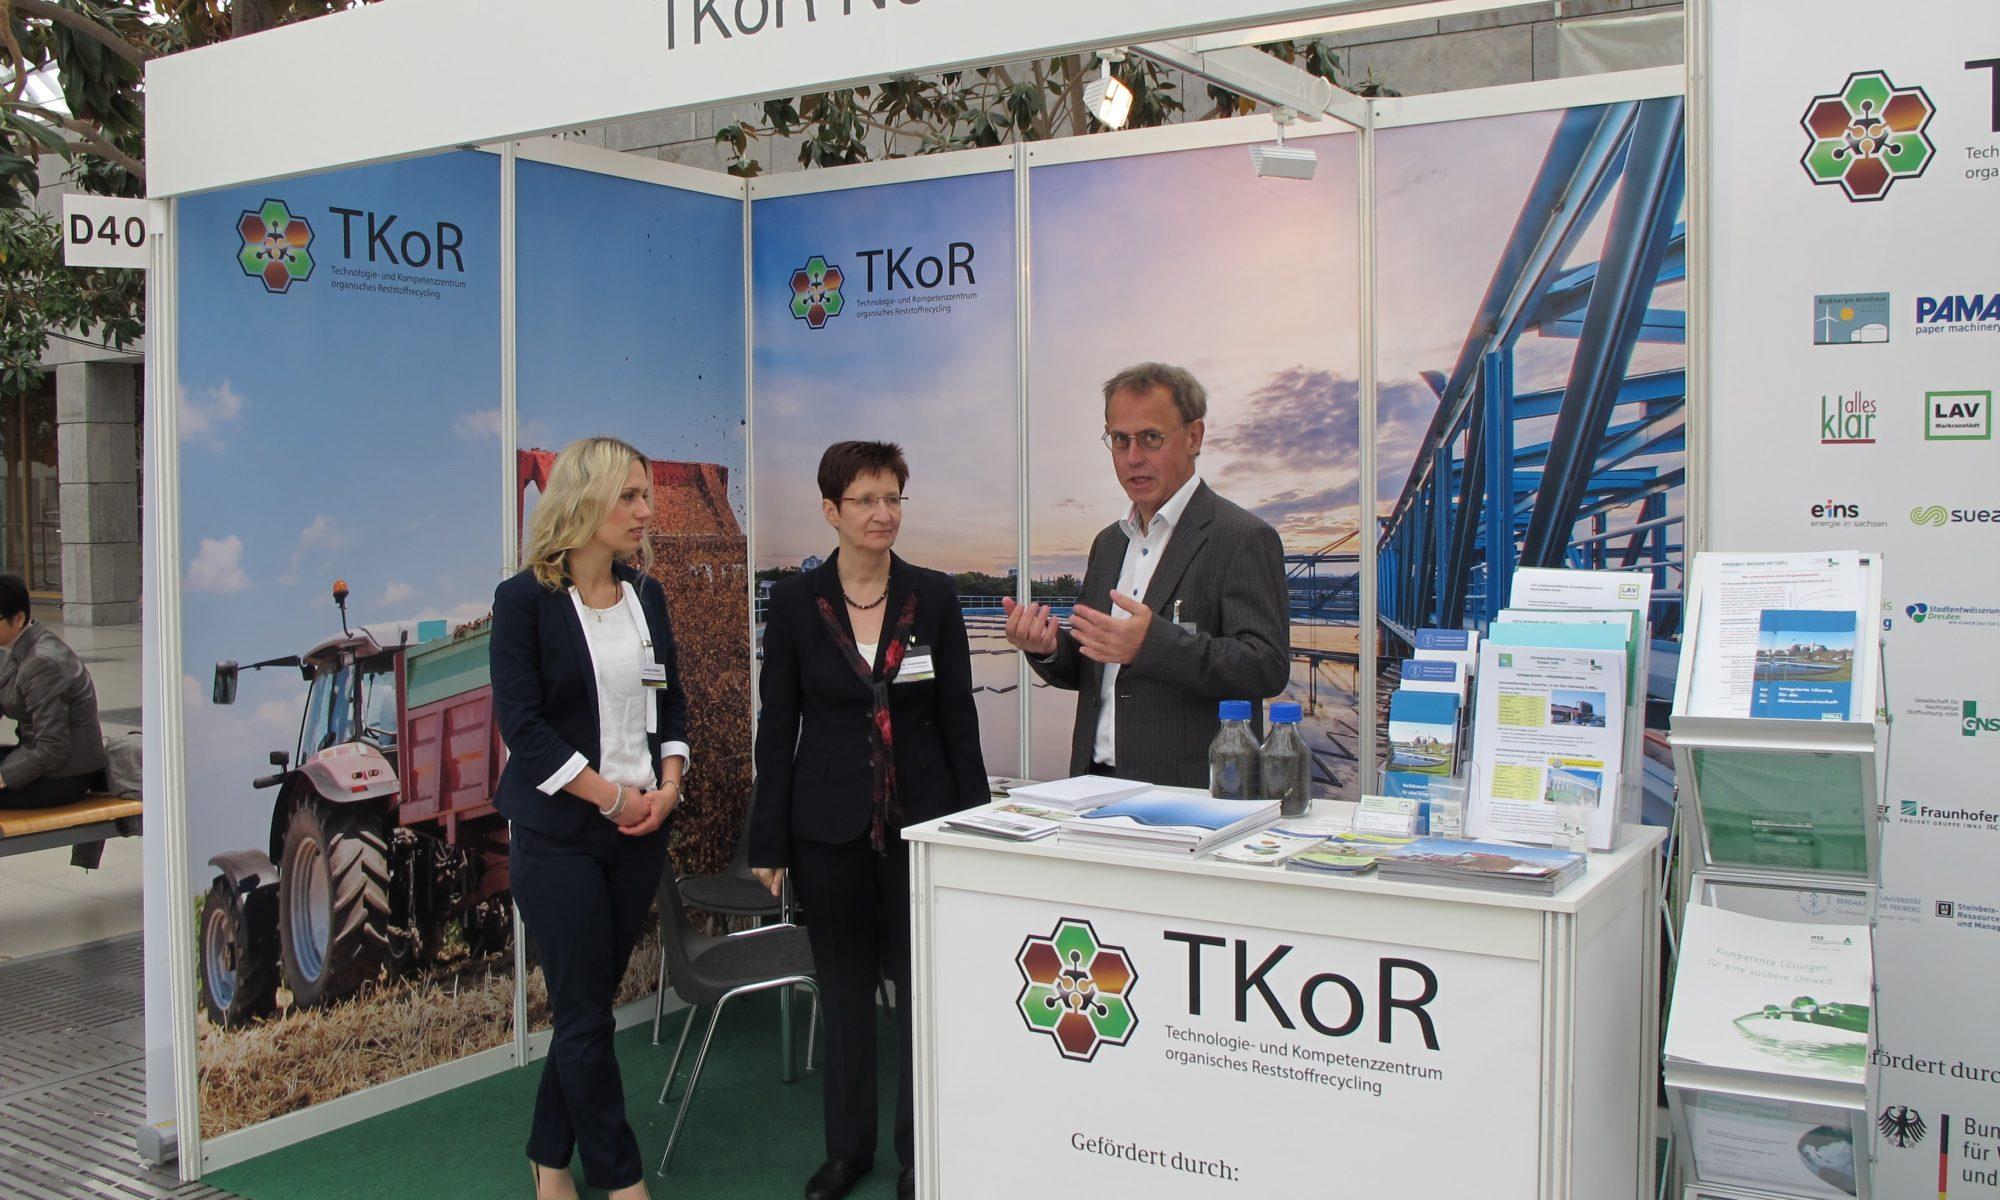 Stand des TKoR-Netzwerks auf der terratec in Leipzig. – Foto: evermind GmbH/Georg Drabner